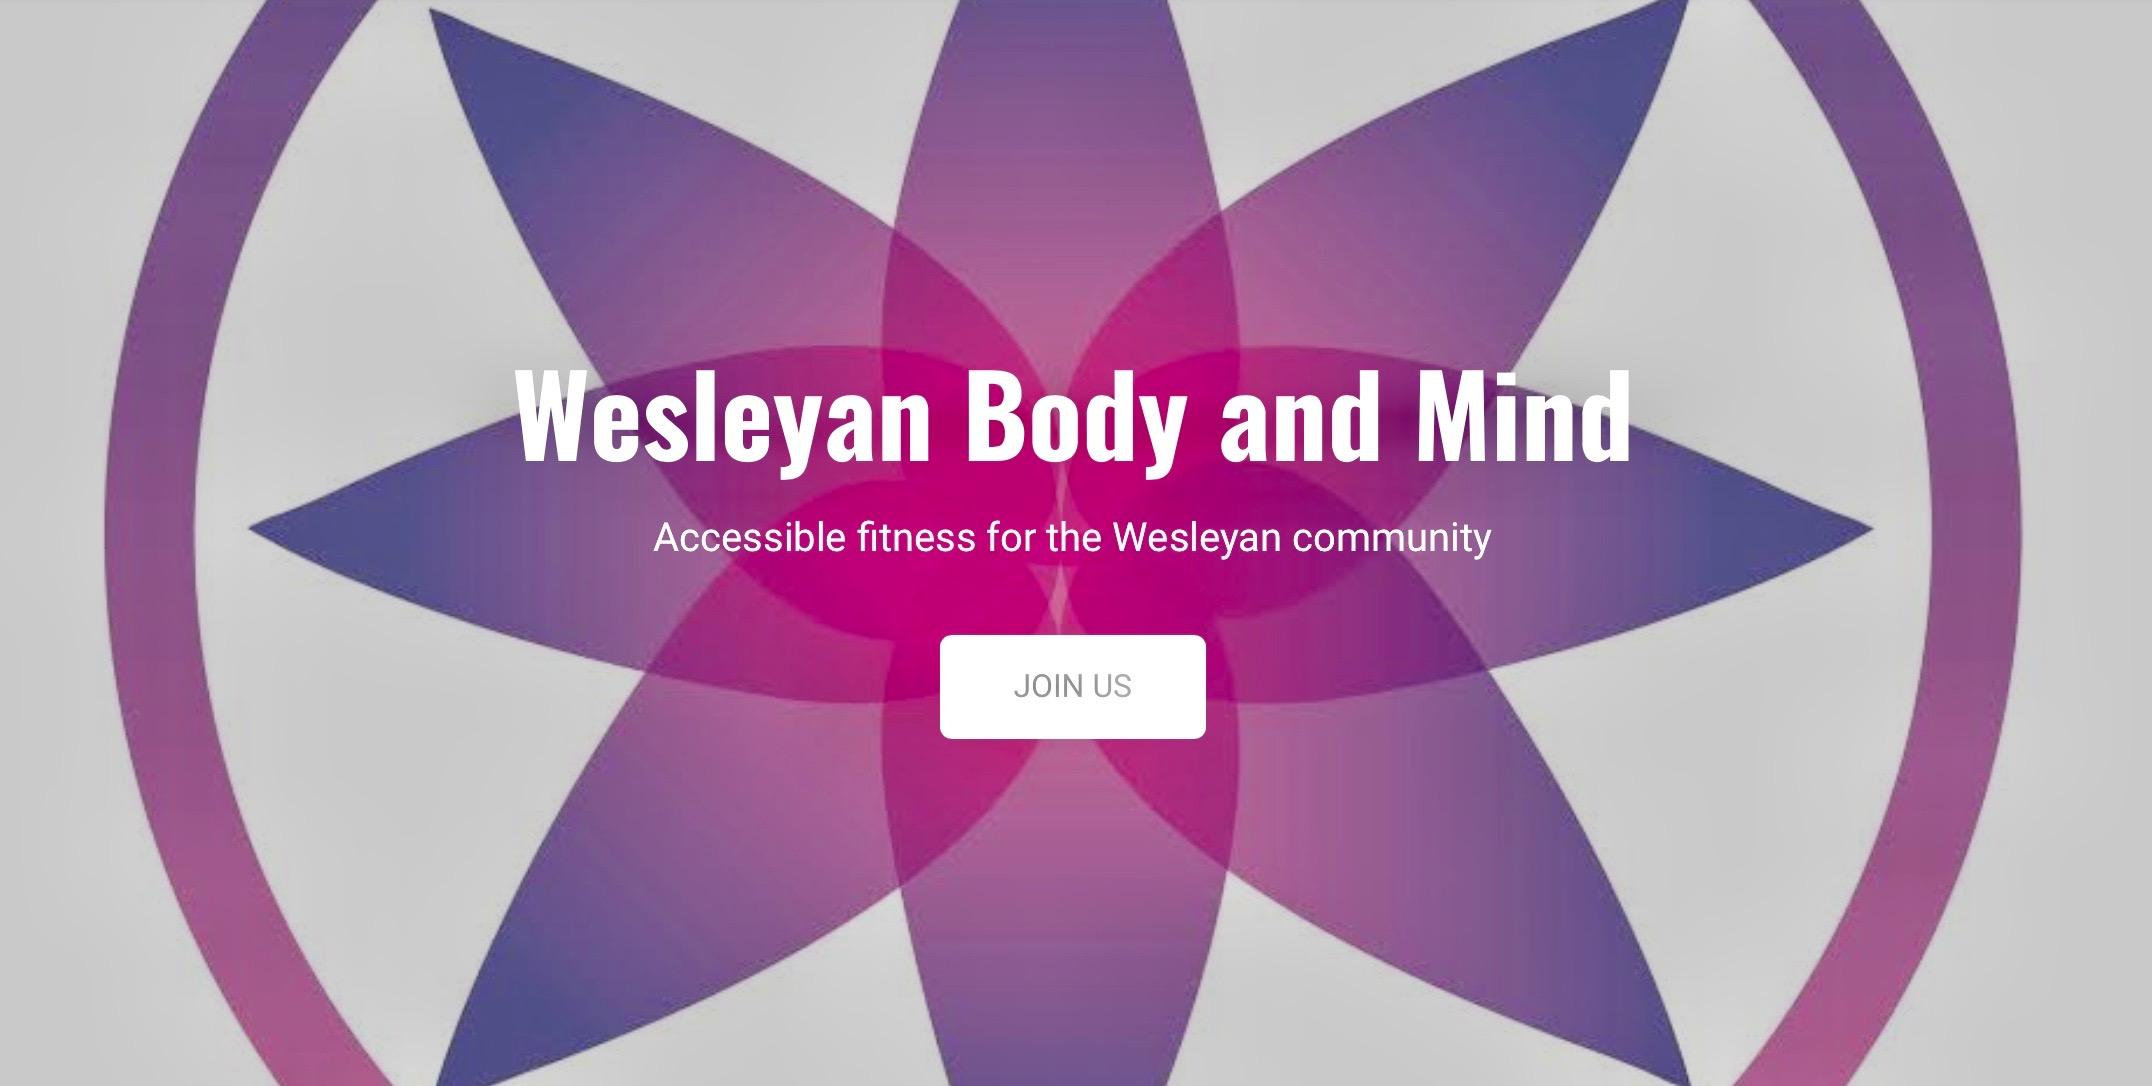 c/o wesbam.weebly.com